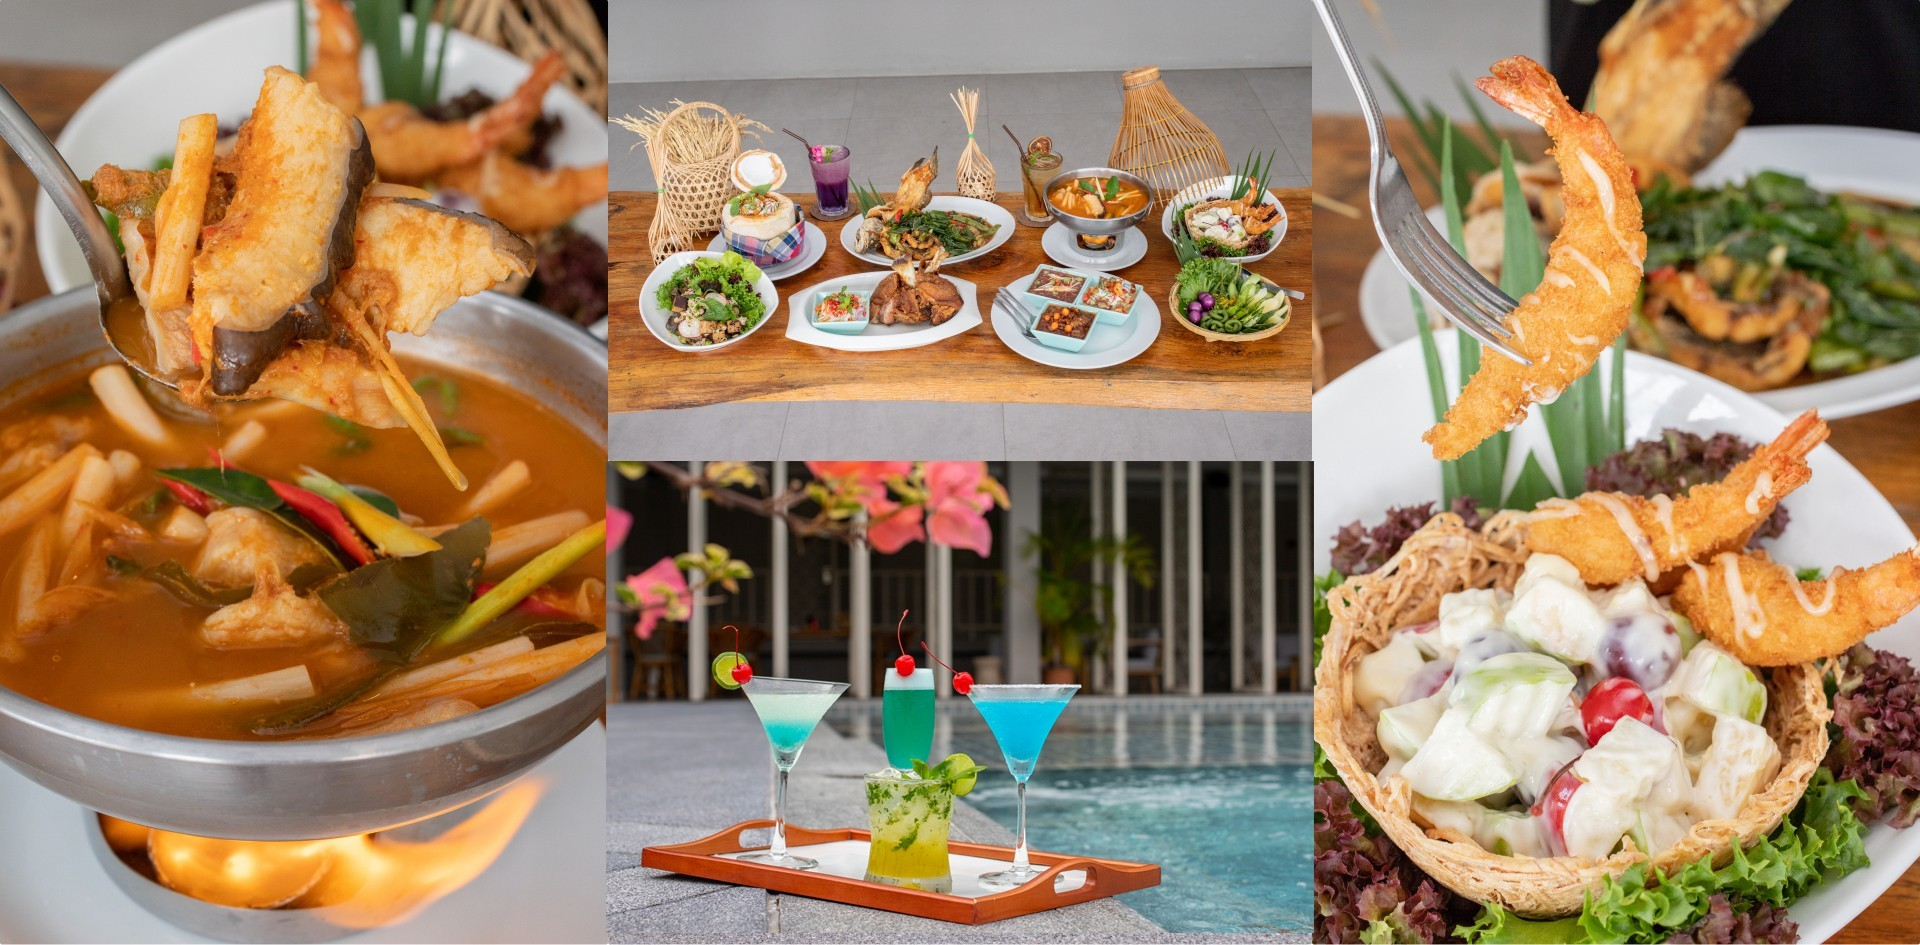 [รีวิว] ครัวทอข้าว ร้านอาหารราชบุรี ฟินอาหารไทย-จีน ชิลล์ในสวน ณ เวลา